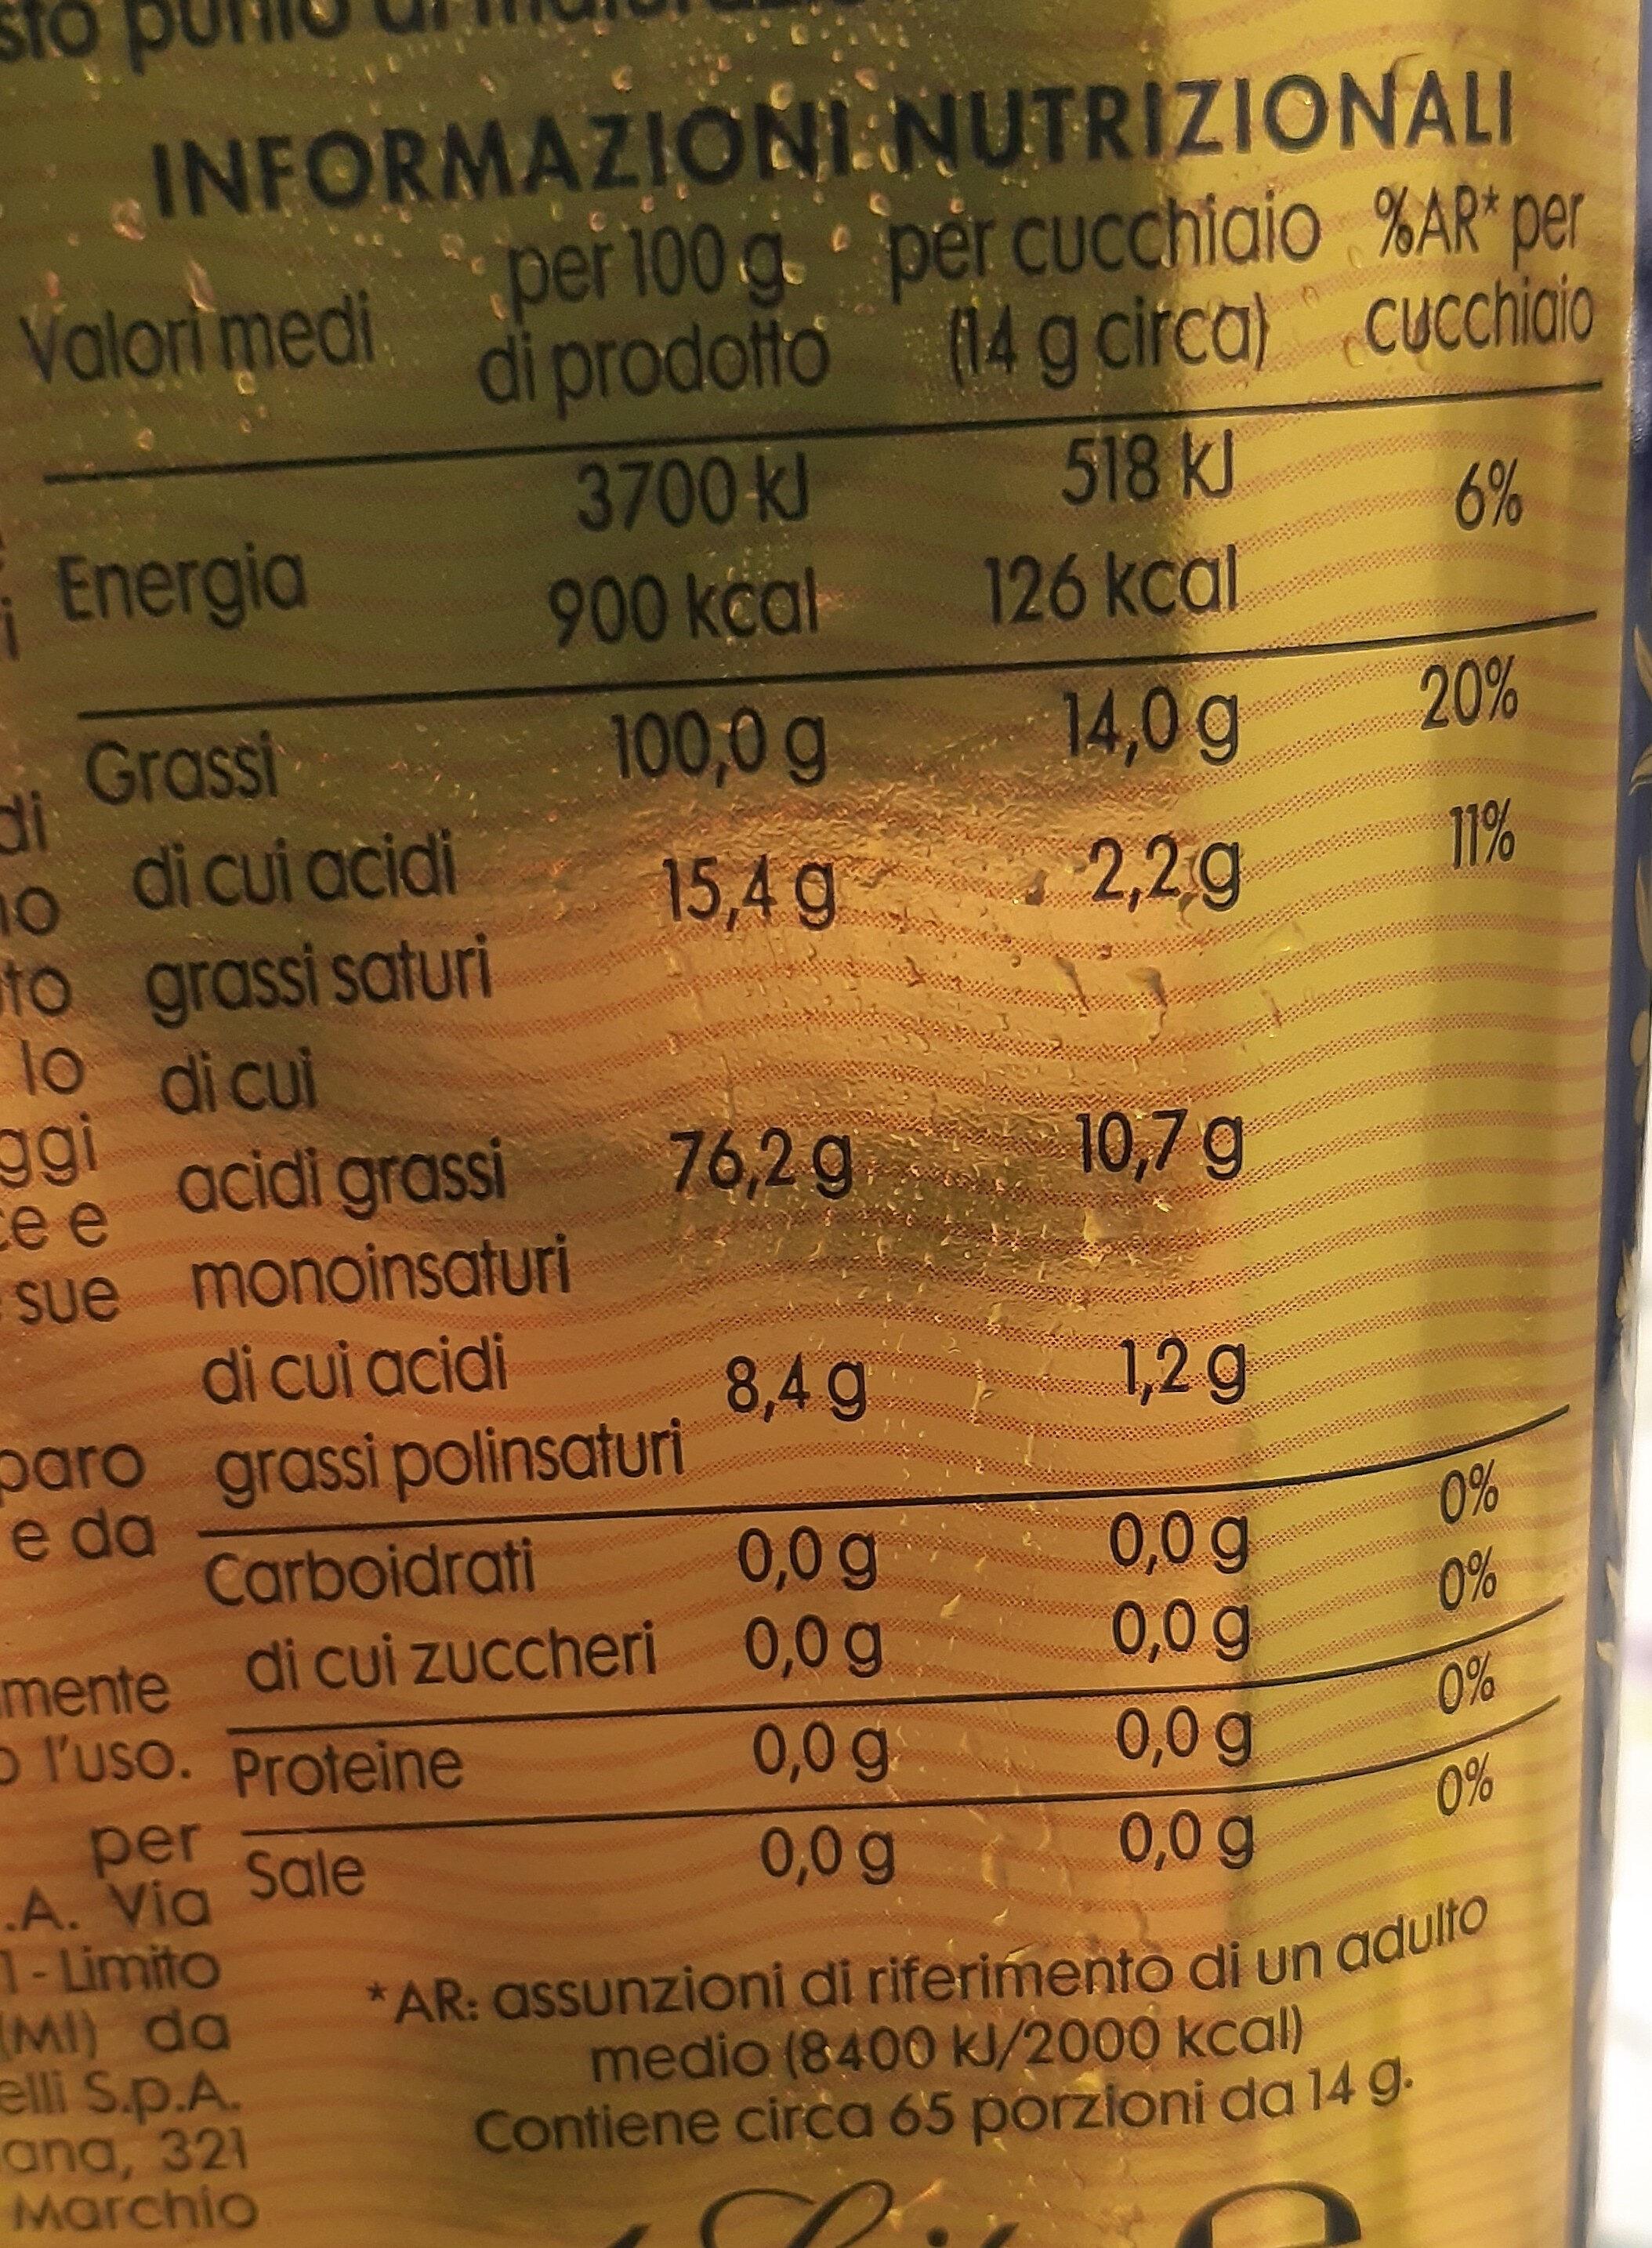 Olio extra vergine di oliva - Informazioni nutrizionali - it